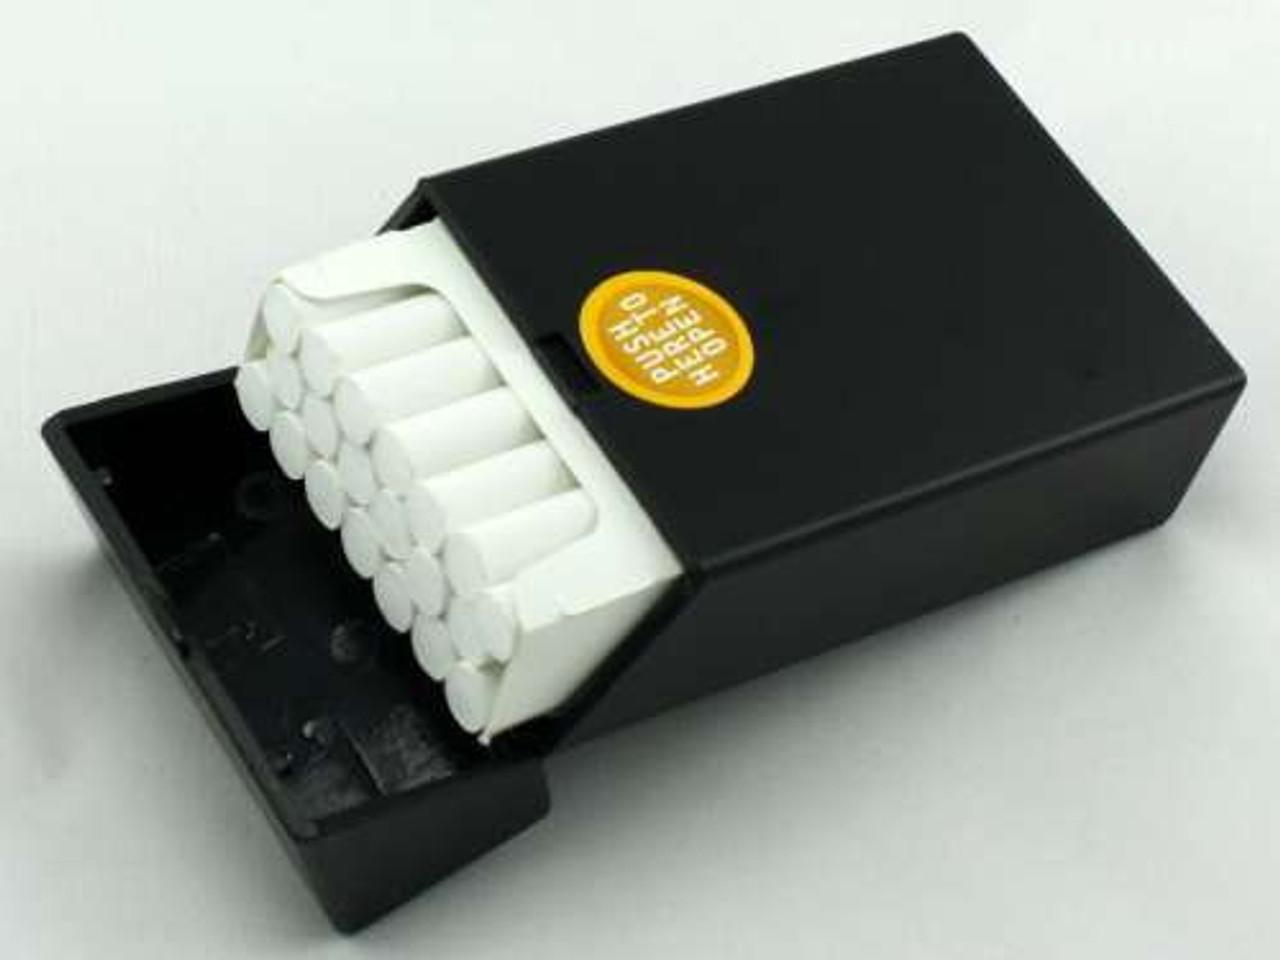 Black Bay Cigarette Pack Holder